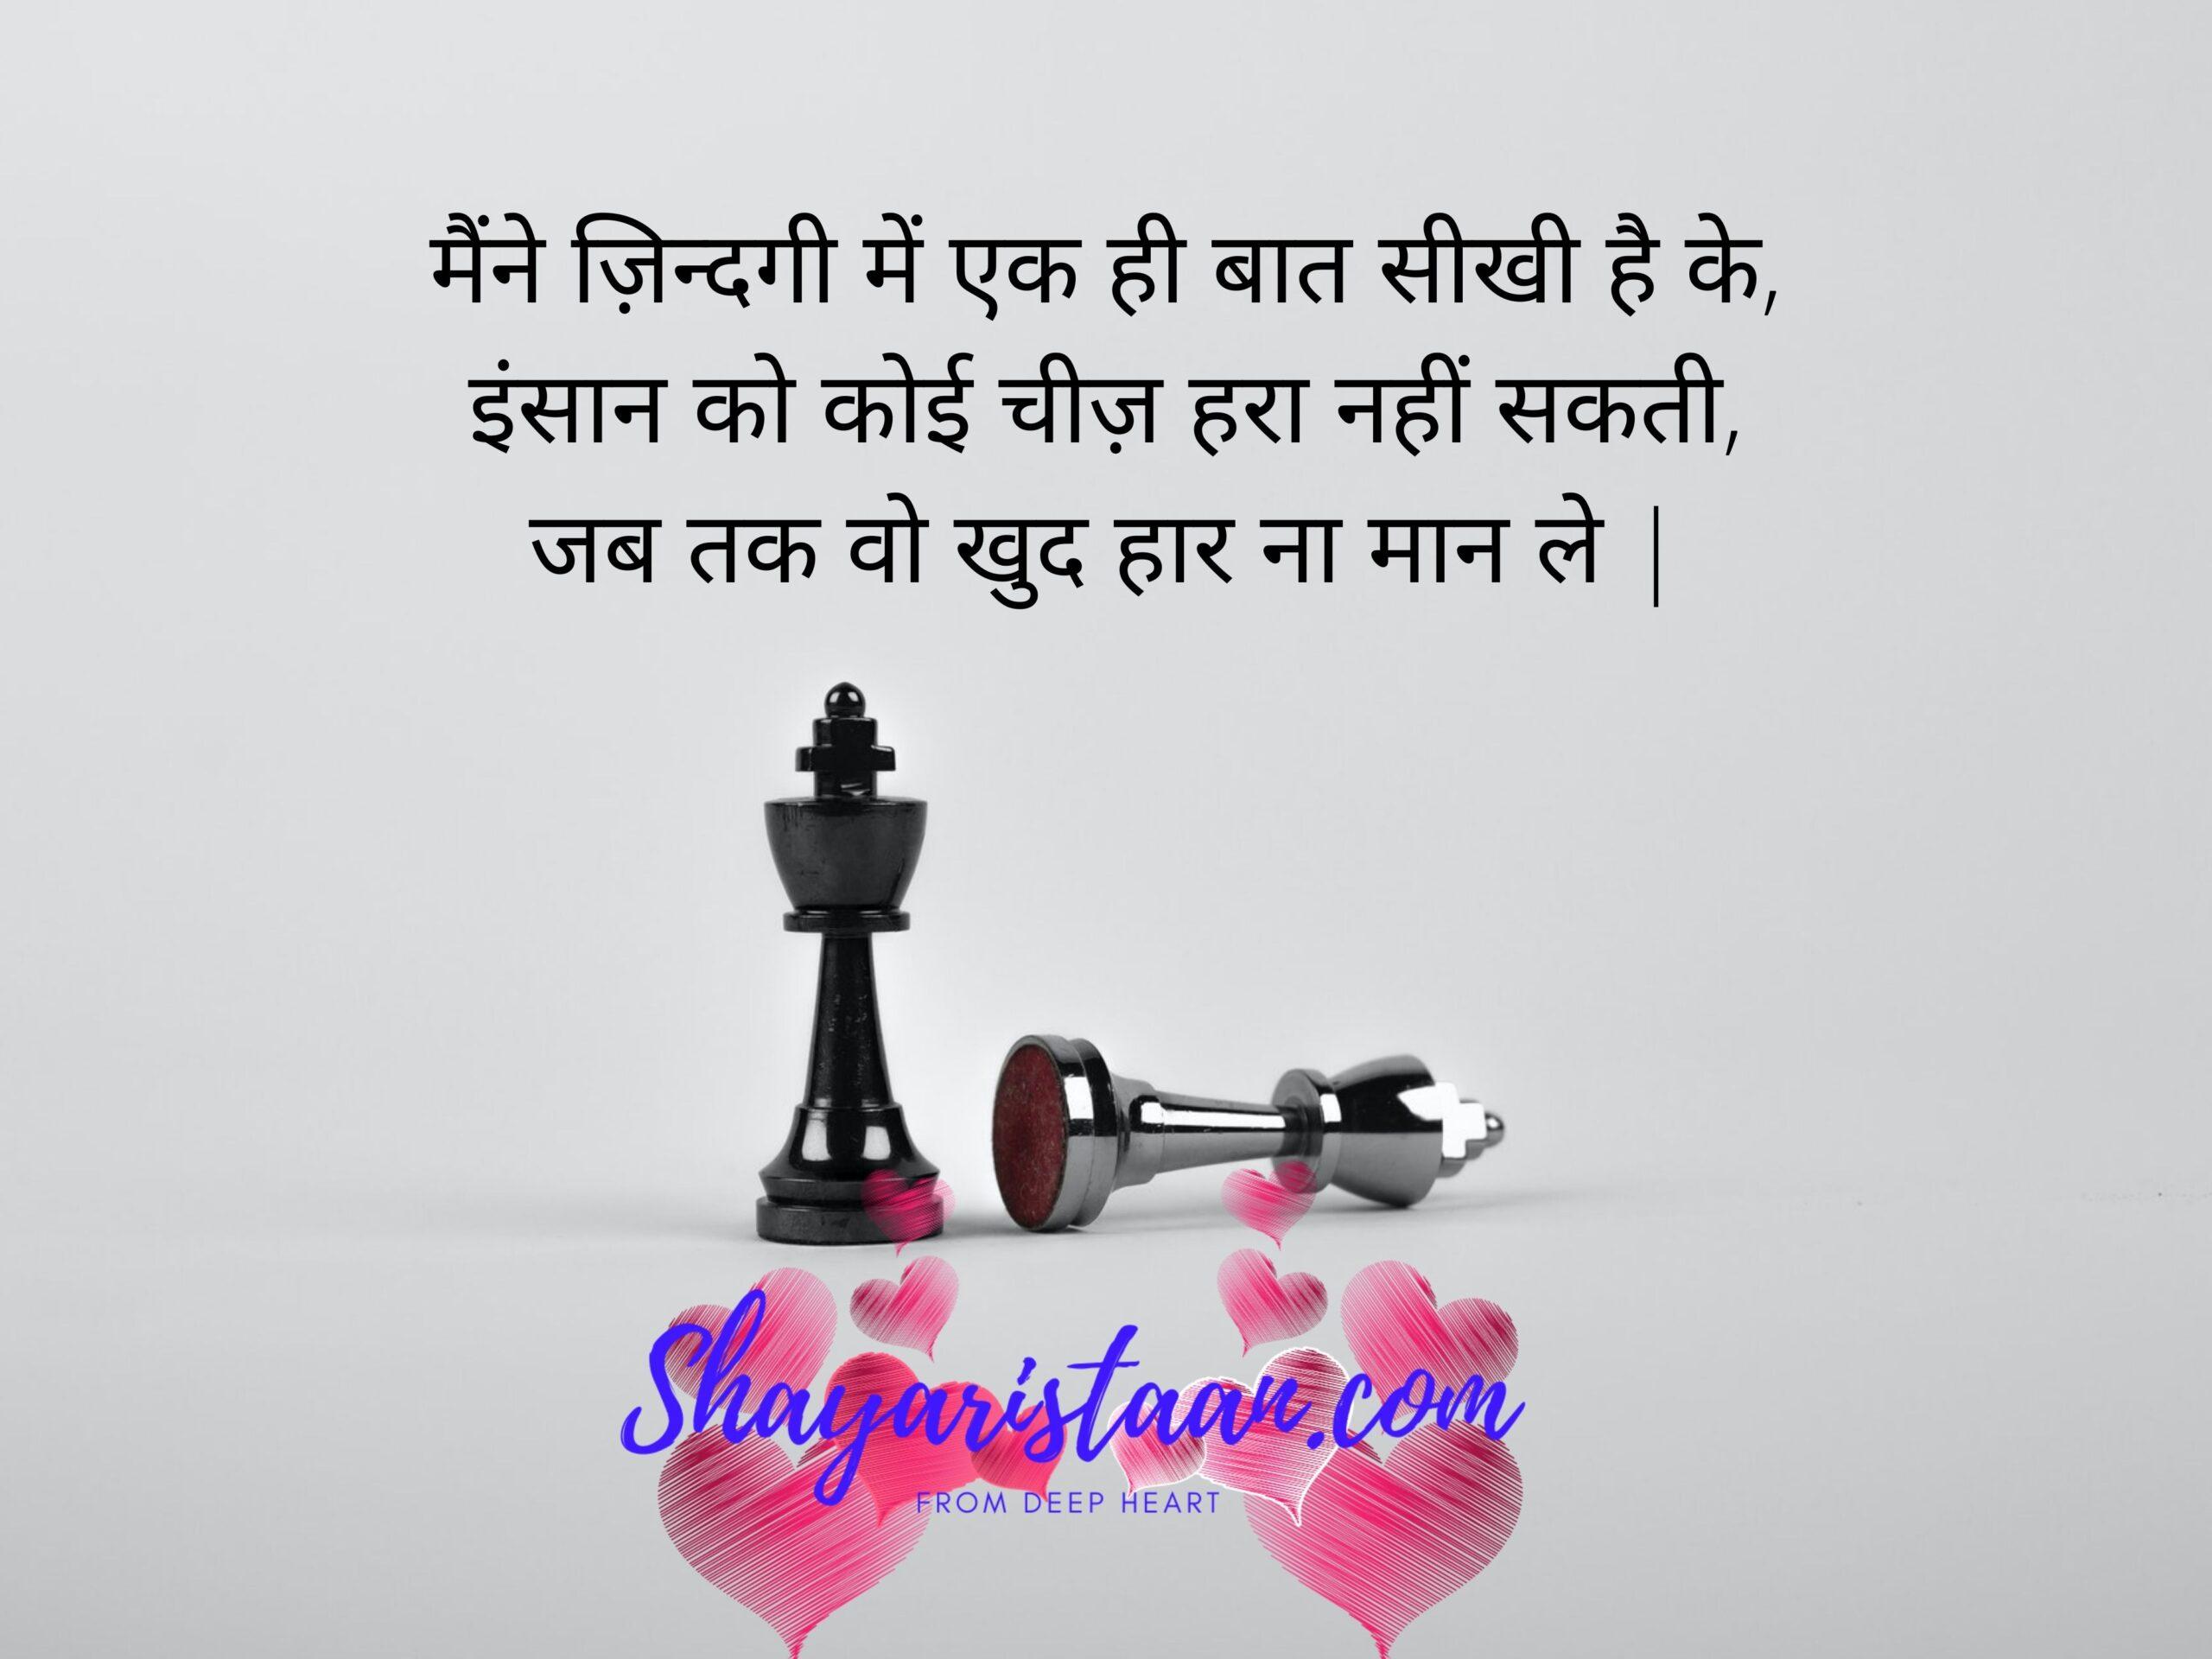 life shayari in hindi | मैंने ज़िन्दगी में एक ही बात सीखी है के, इंसान को कोई चीज़ हरा नहीं सकती, जब तक वो खुद हार ना मान ले |